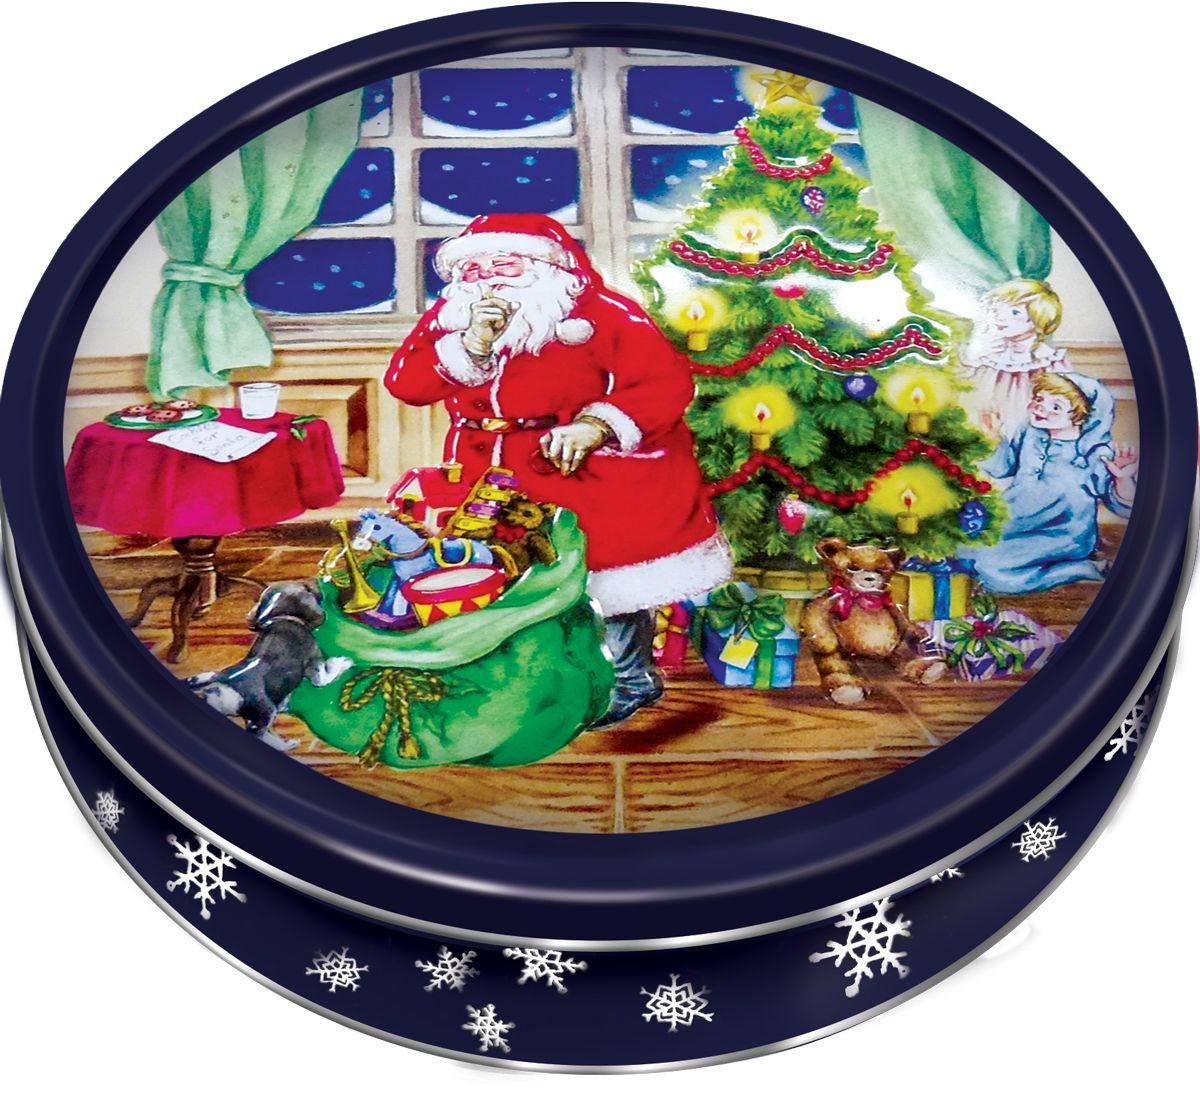 Конфитрейд Дед Мороз печенье, 240 г сладкая сказка печенье дед мороз и снегурочка 400 г